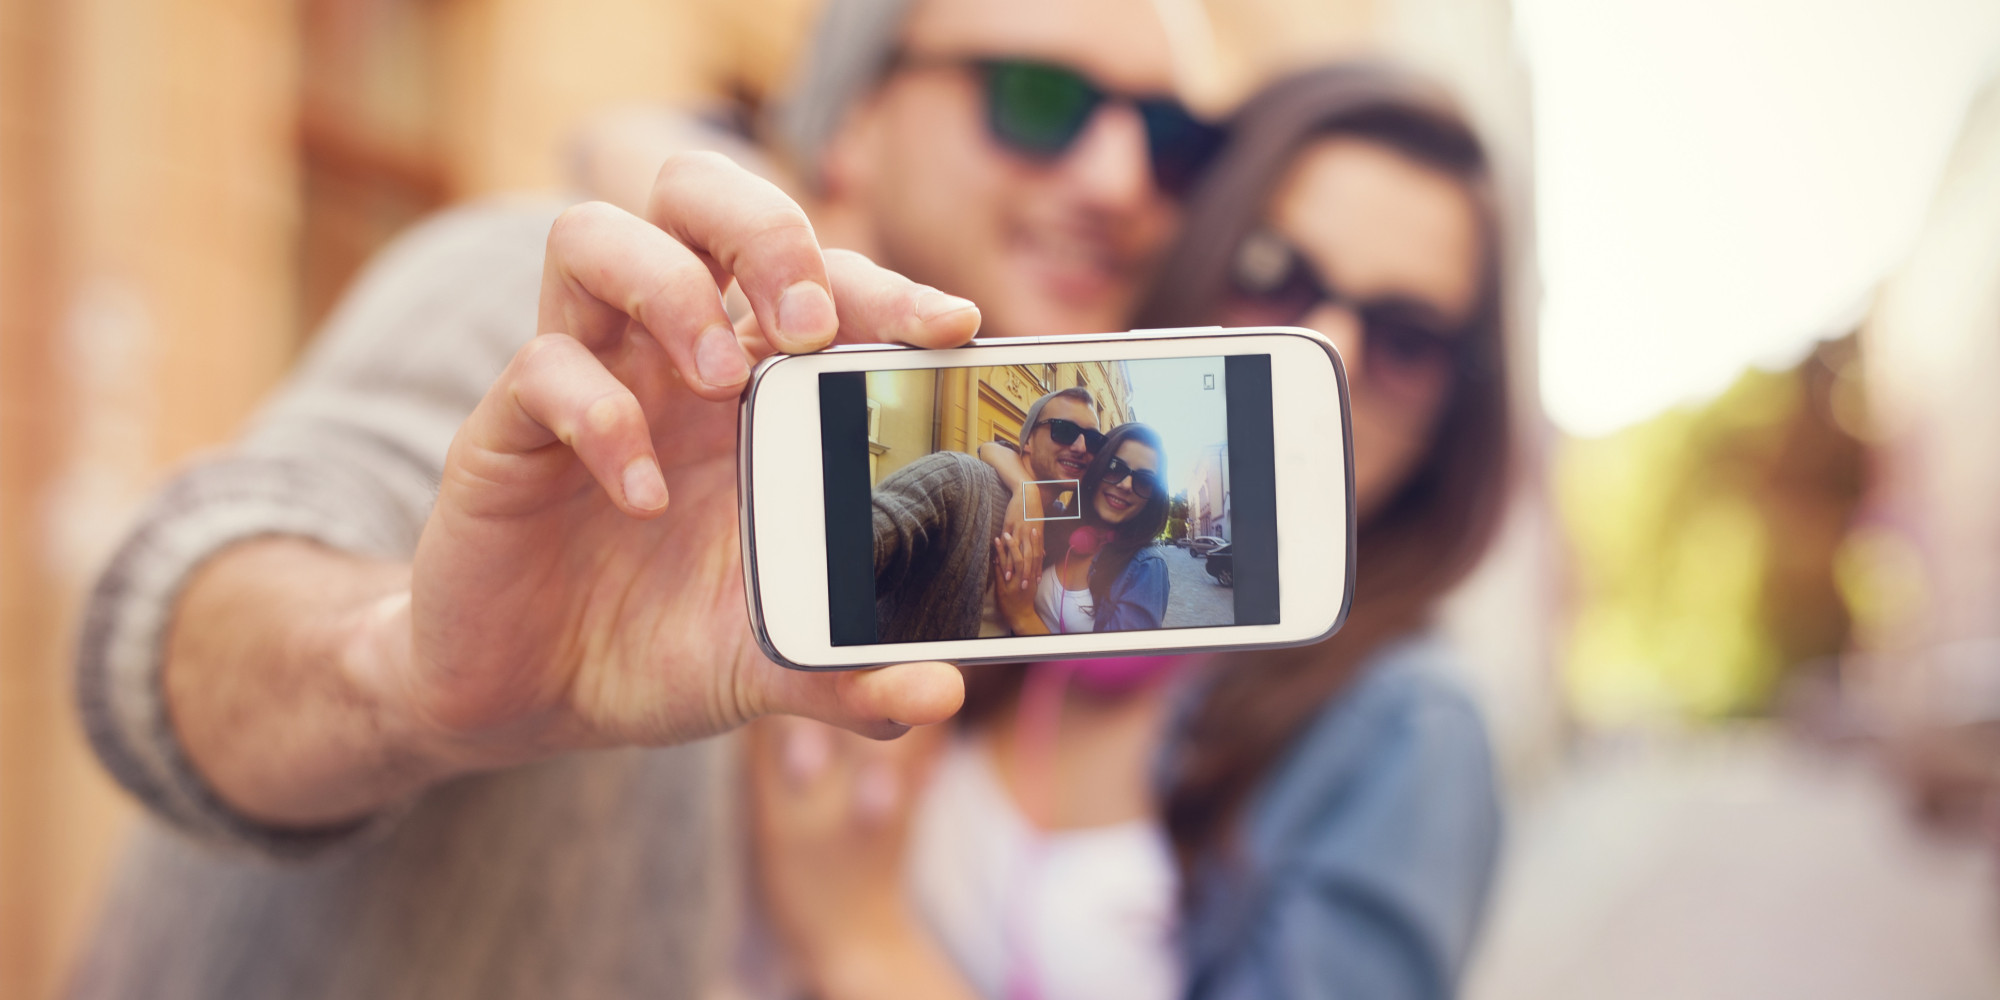 Зачем делают фото с телефона